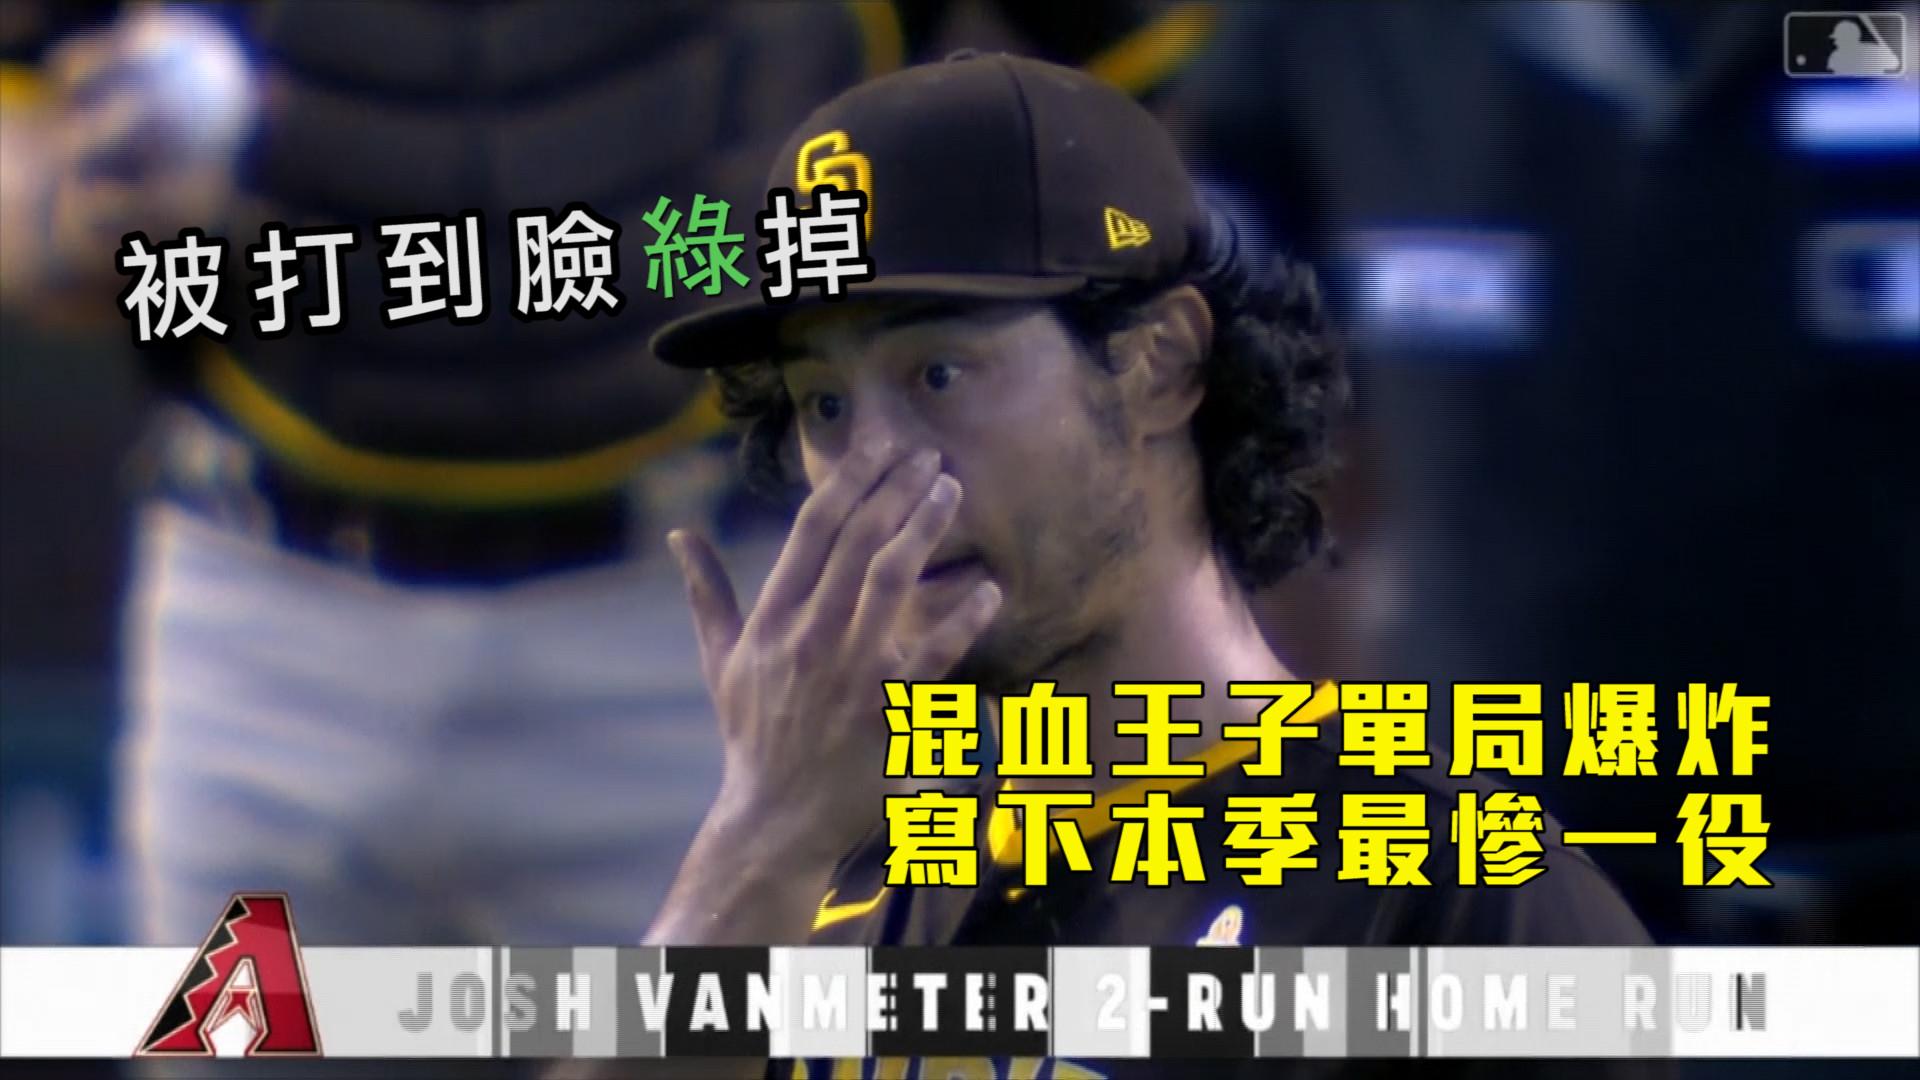 【MLB看愛爾達】混血王子2.2局爆炸 教士3:8輸球 09/02